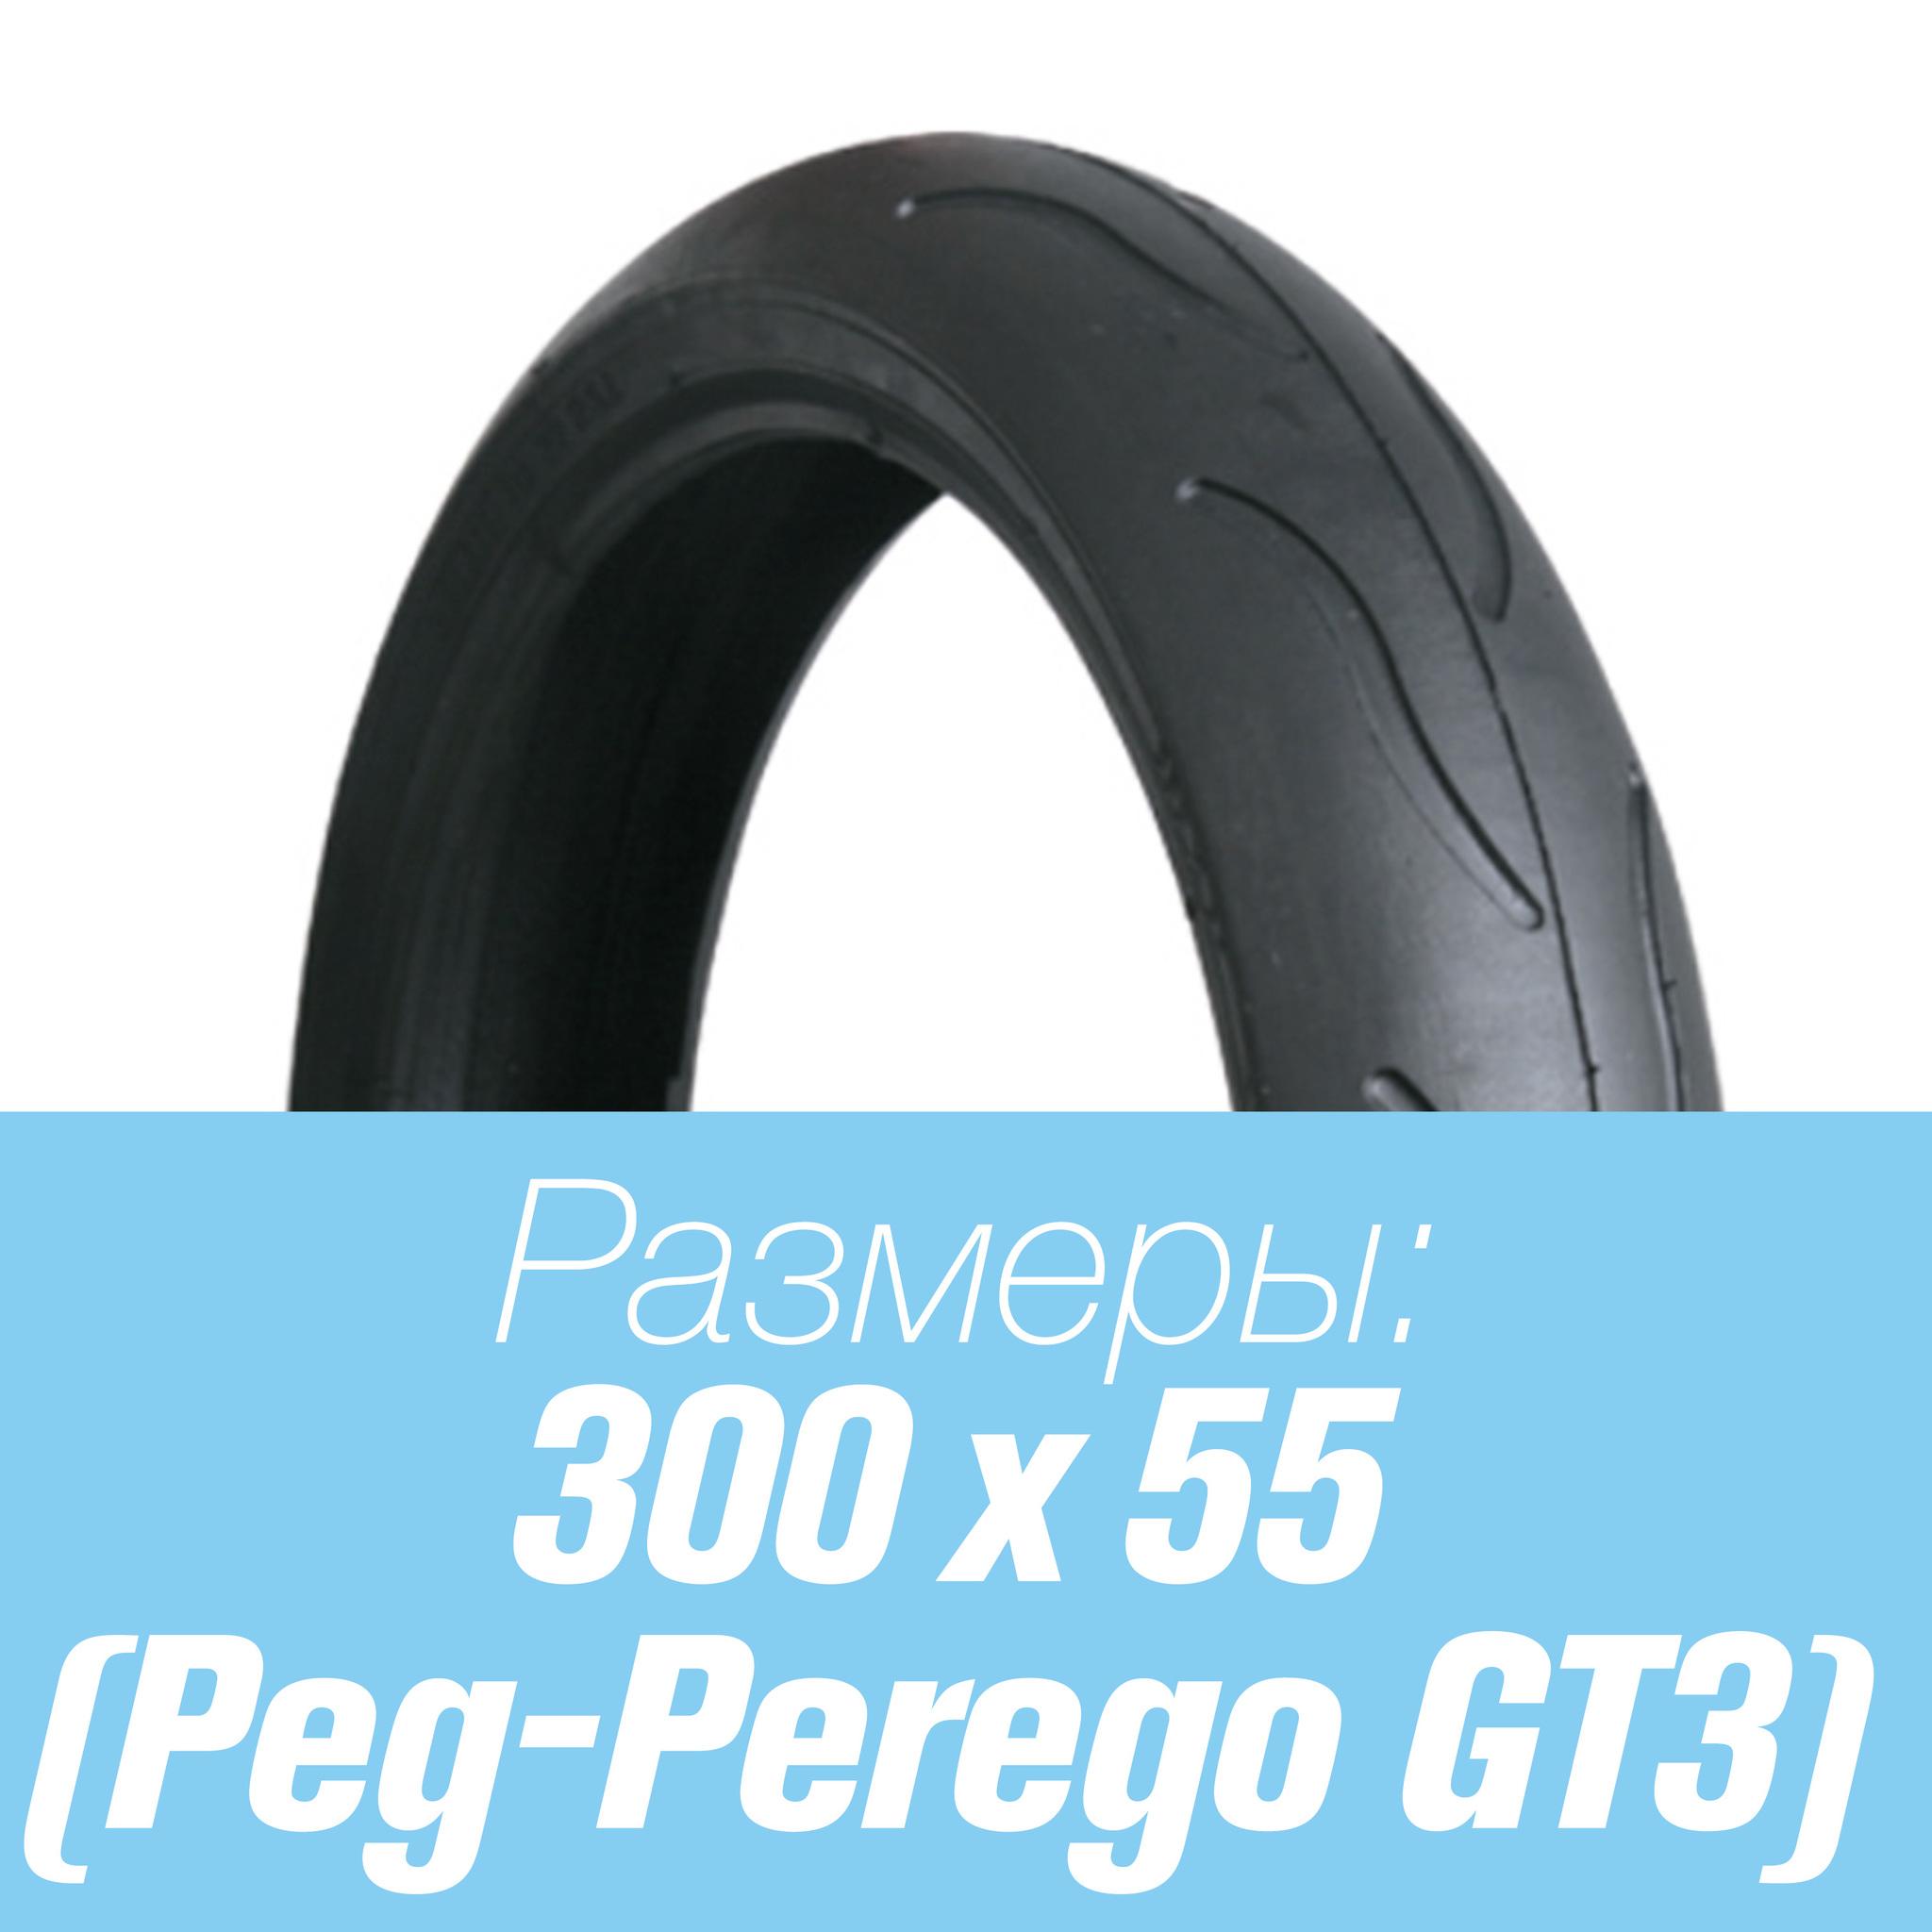 Покрышки на колеса детской коляски Покрышка для коляски Peg-Perego gt3 под камеру 300-55.jpg